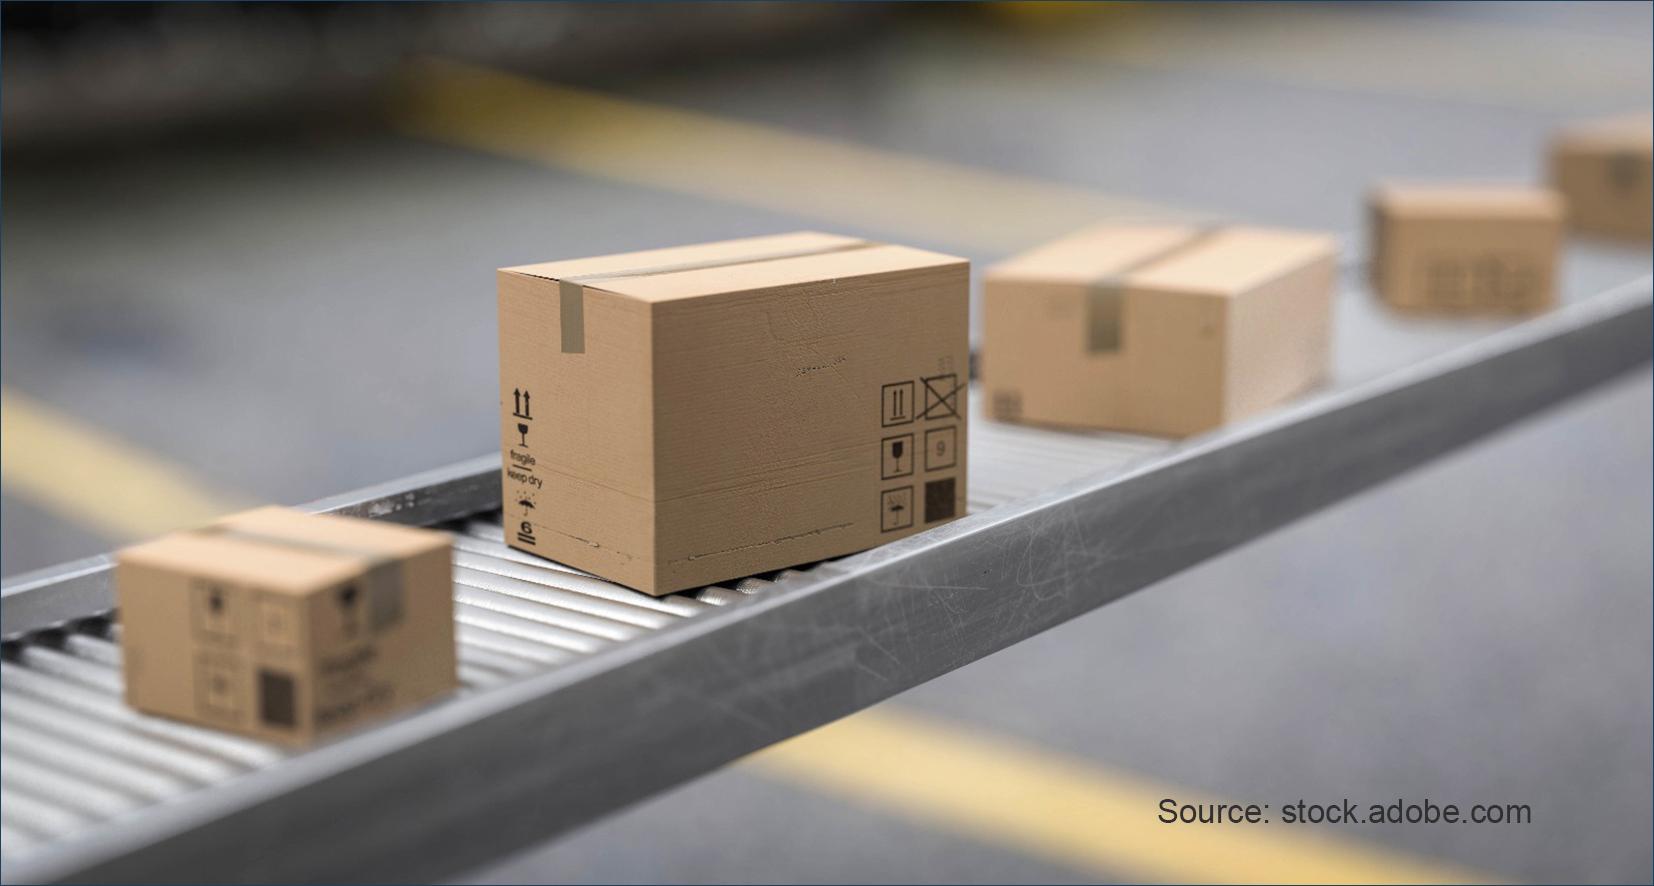 Verpackung und Versand: Optimierungspotenzial für Onlinedrucker?